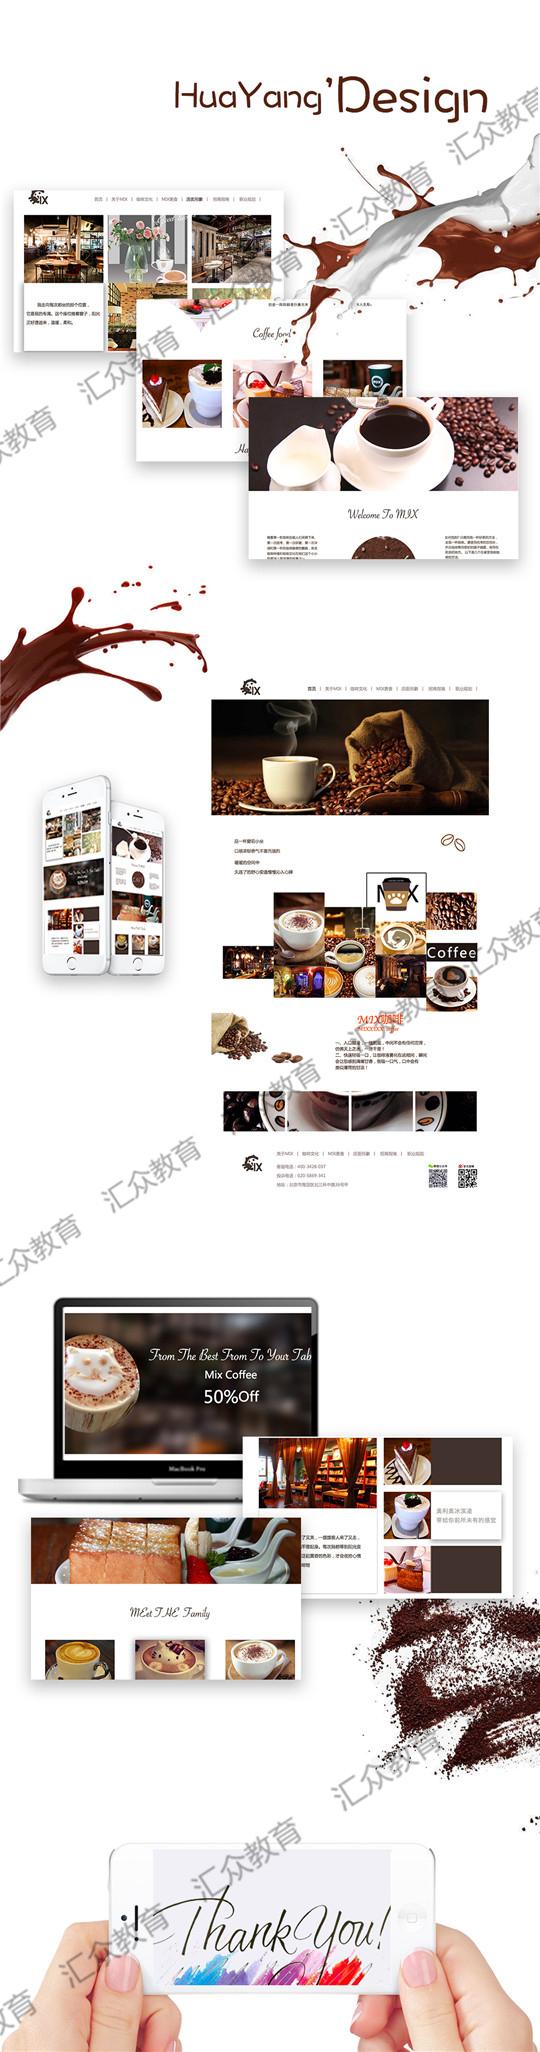 UI设计-皇冠现金·北京北三环游戏校区 UI视觉作品